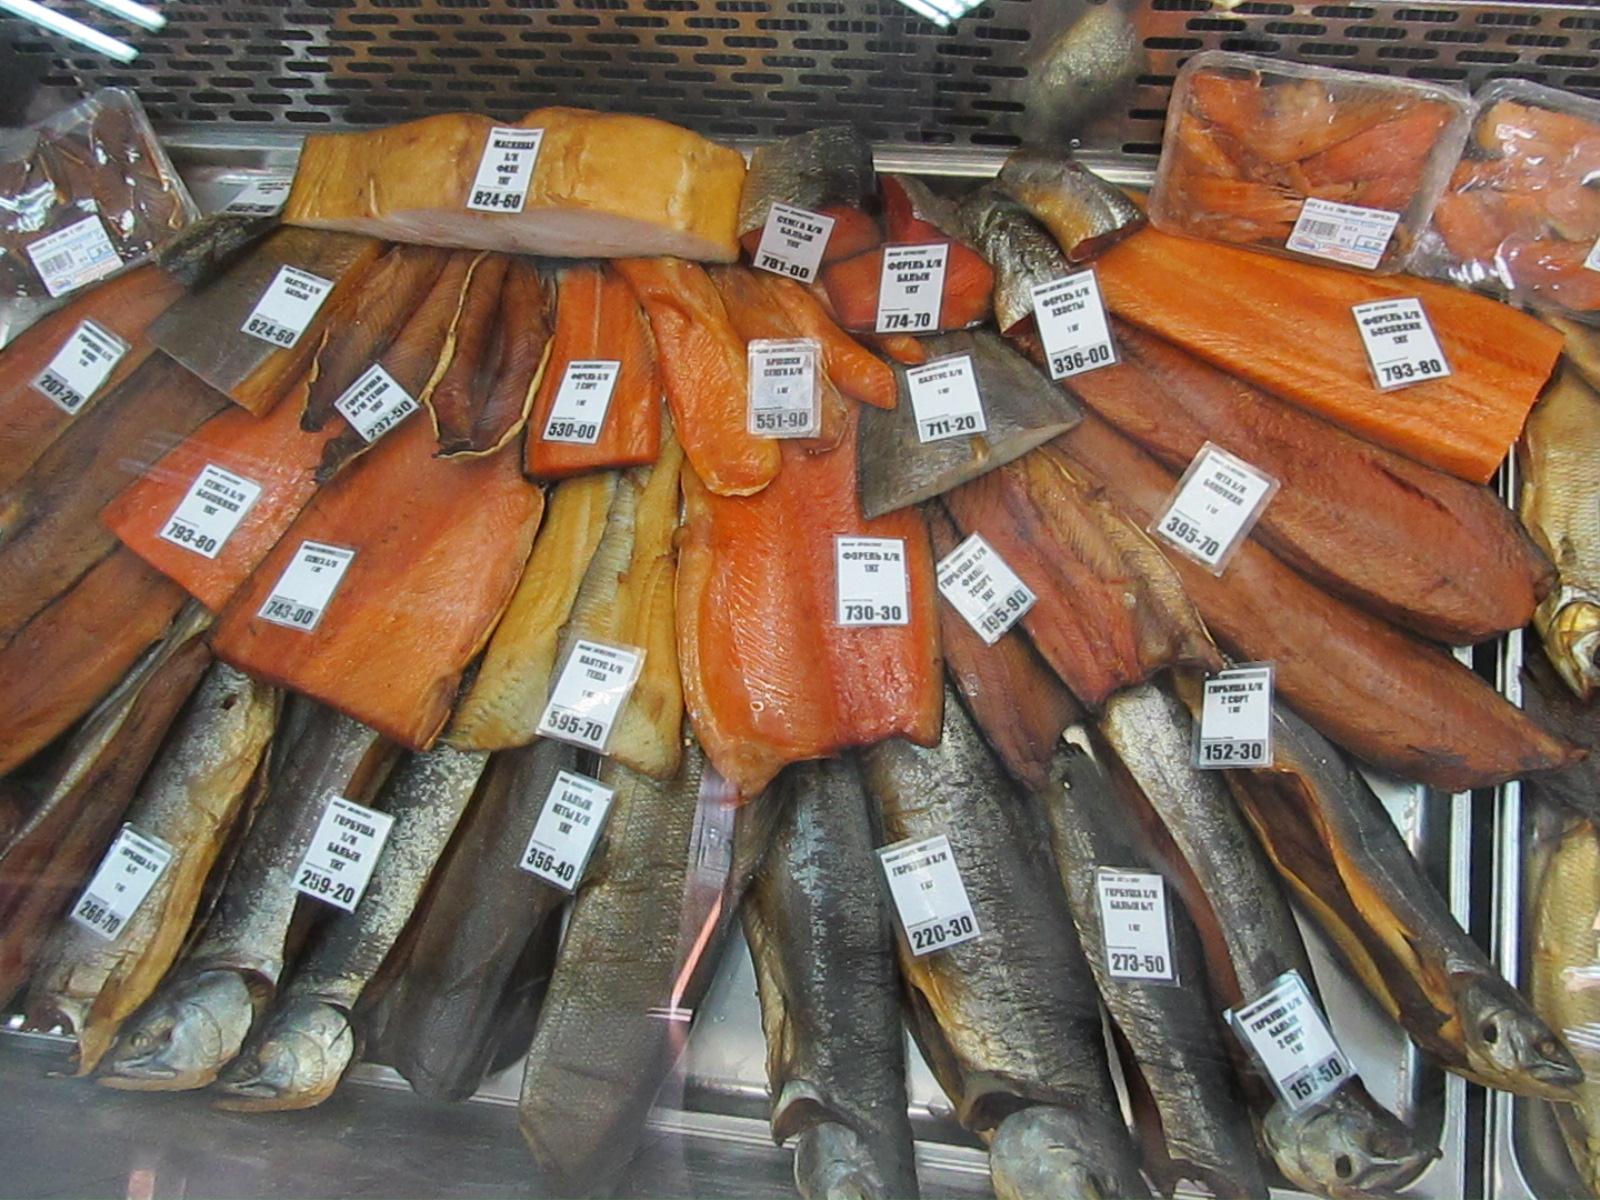 выкладка копченой рыбы в магазине фото познакомились, снимаясь фильме